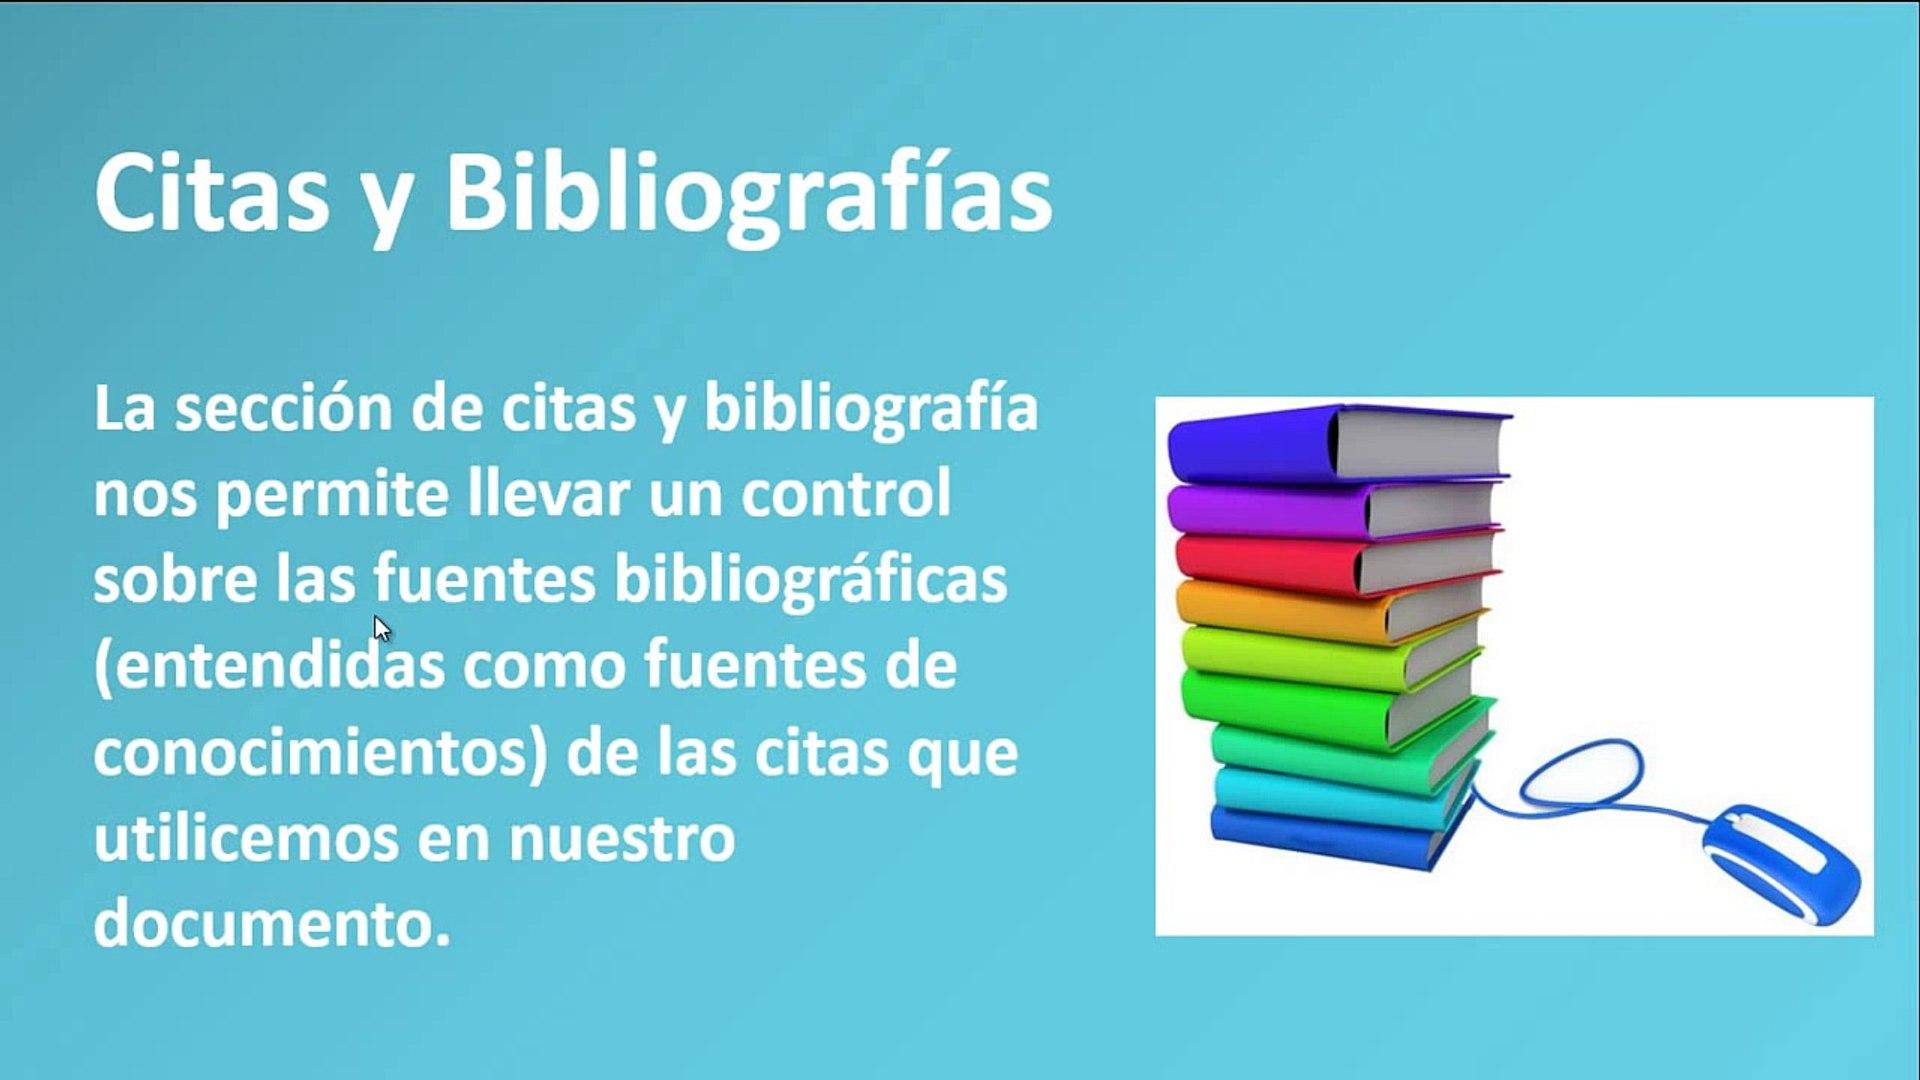 Citas y Bibliografías en Microsoft Word 2013 Microsoft word 2013 - 2010 - bibliografía en word 2013